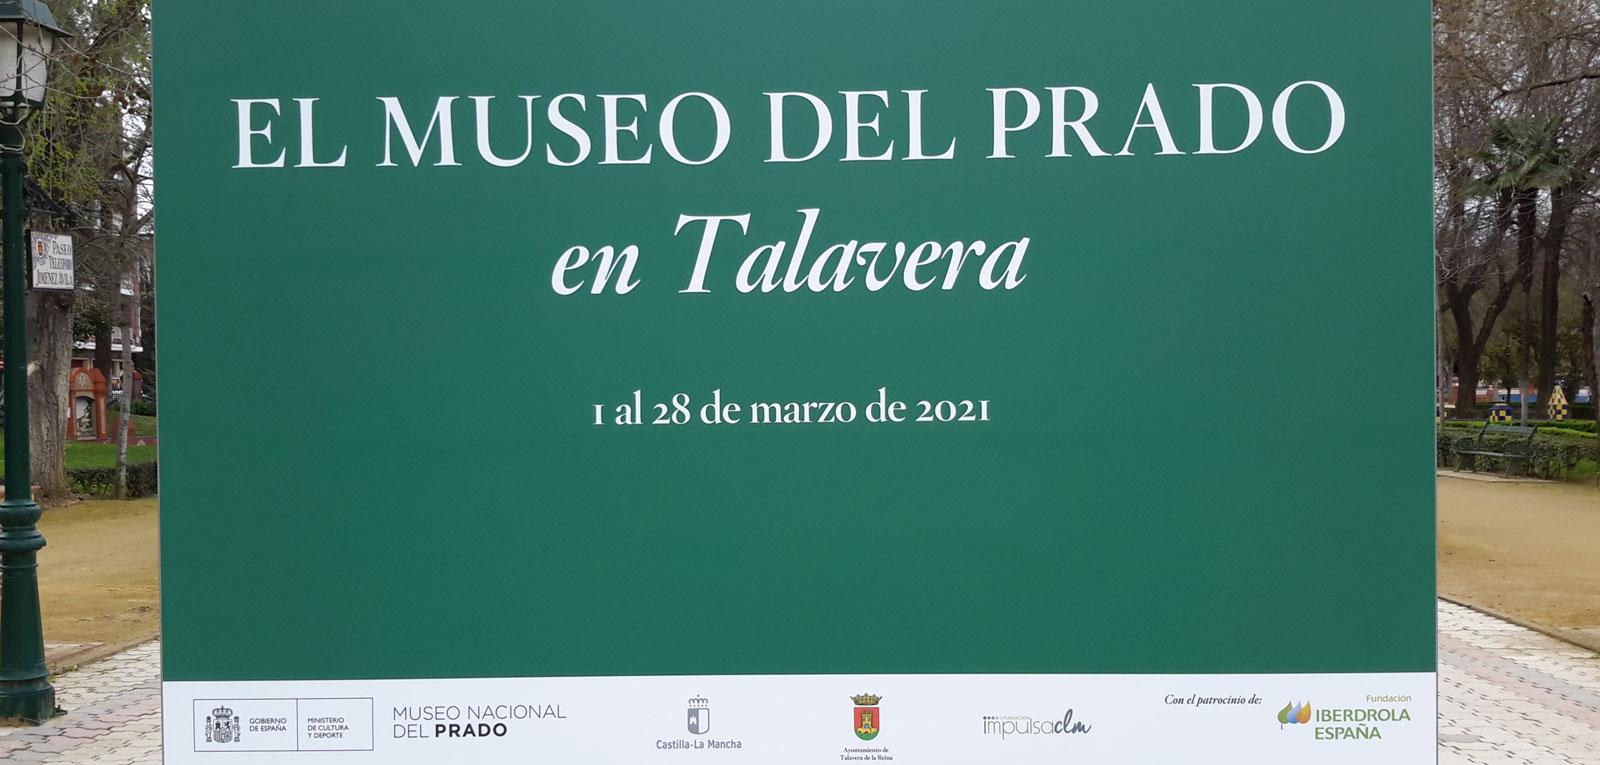 Exposición didáctica: El Museo del Prado en Talavera